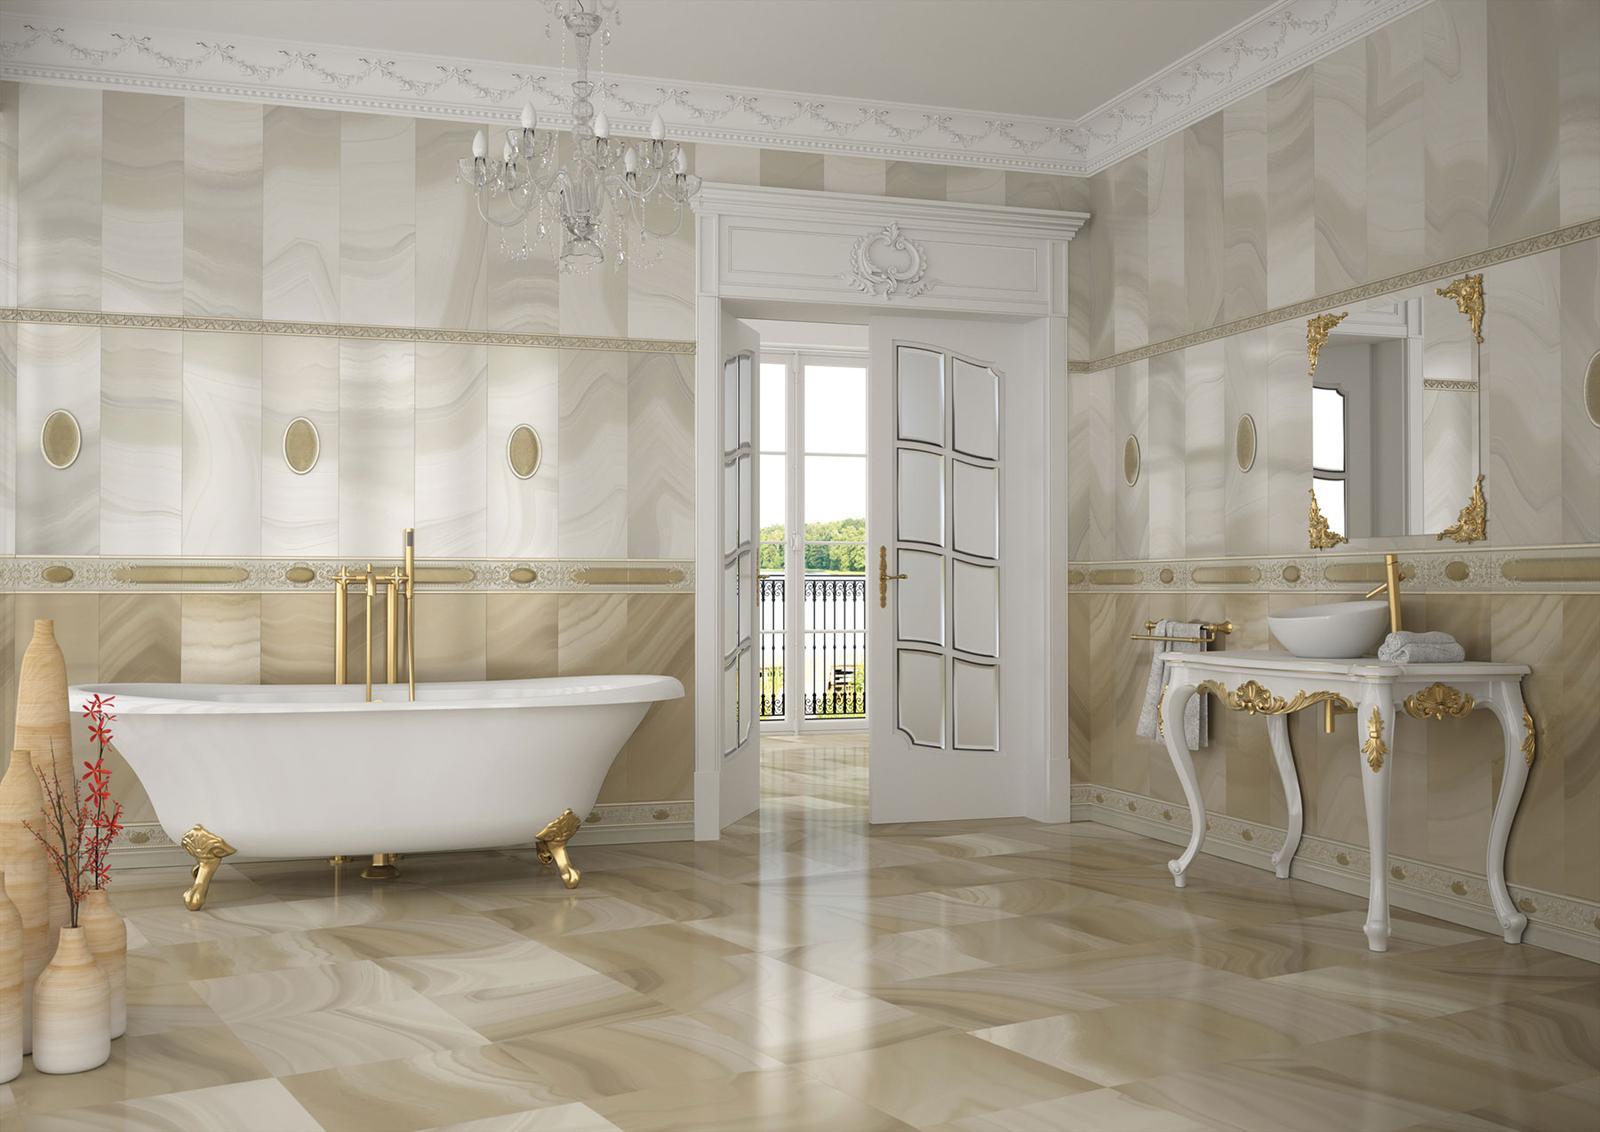 Luxusné kúpelne zo Španielska - luxusná lesklá kúpeľňa Absolute Vison 25x73